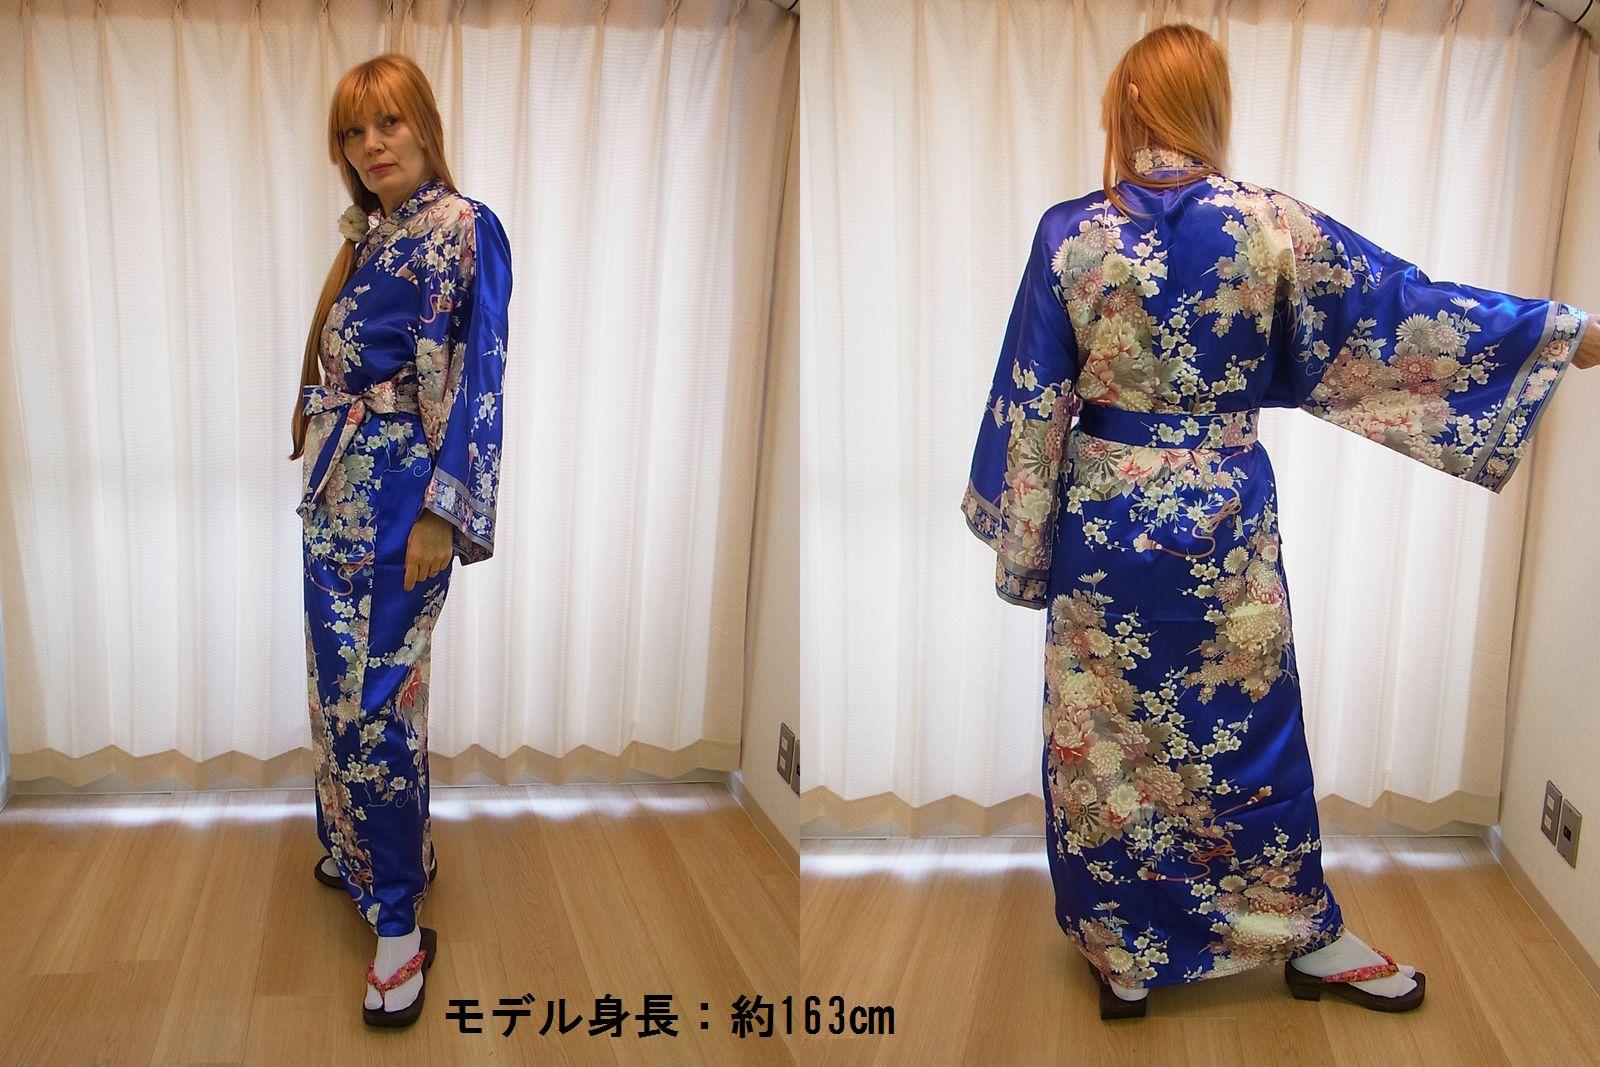 日本のお土産|日本のおみやげホームステイ おみやげ|日本土産◆外国人向け着物【花車】女性用